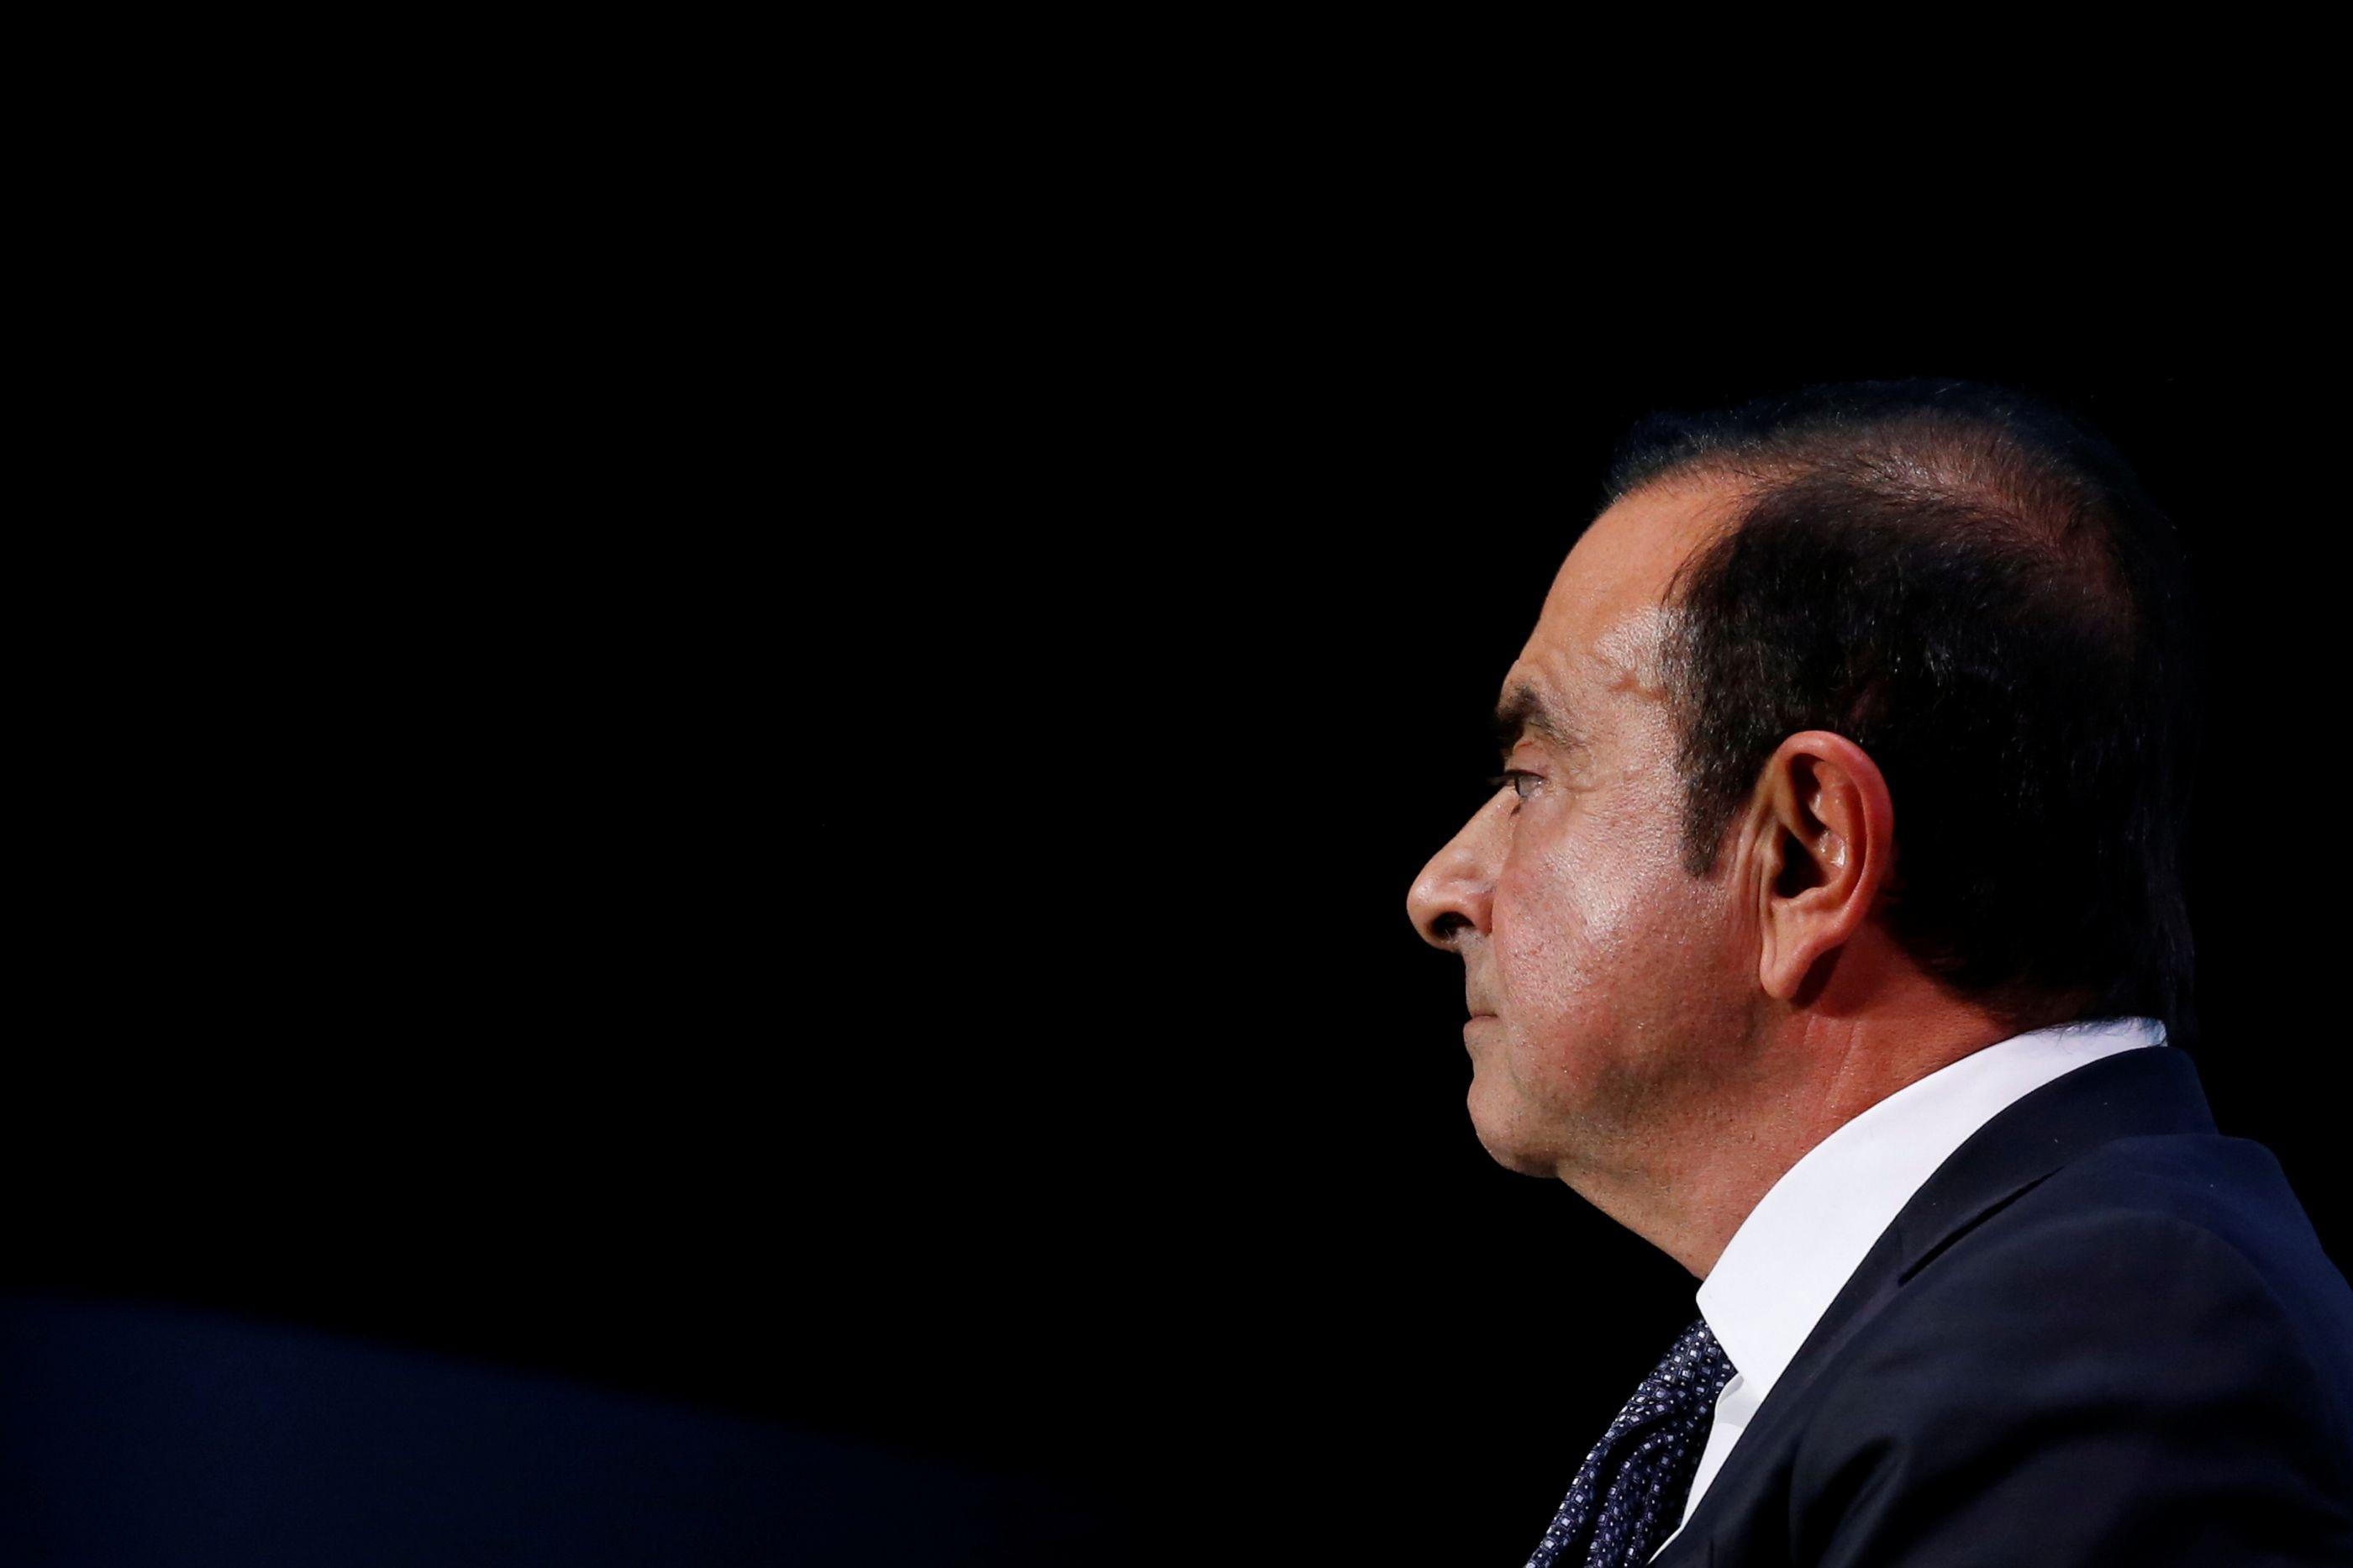 Ex-presidente da Nissan libertado sob fiança aguarda julgamento em Tóquio